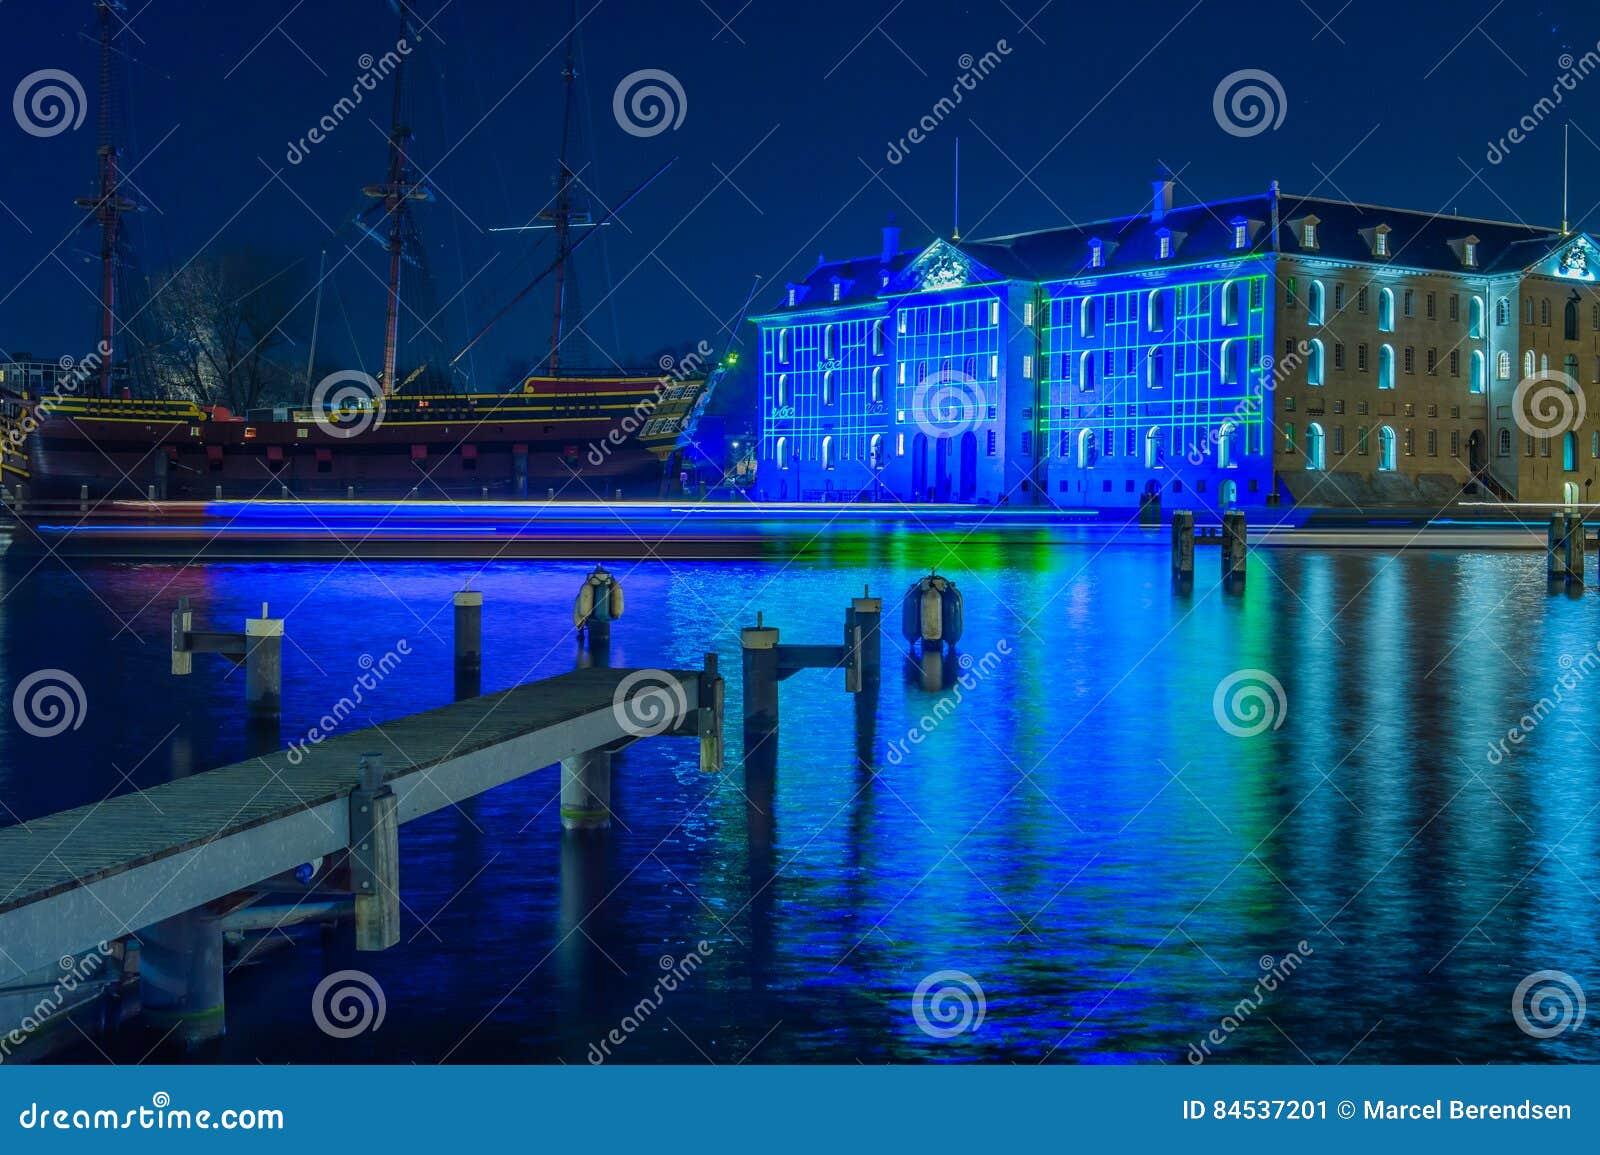 Licht Tour Amsterdam : Das niederlande amsterdam amsterdam licht festival